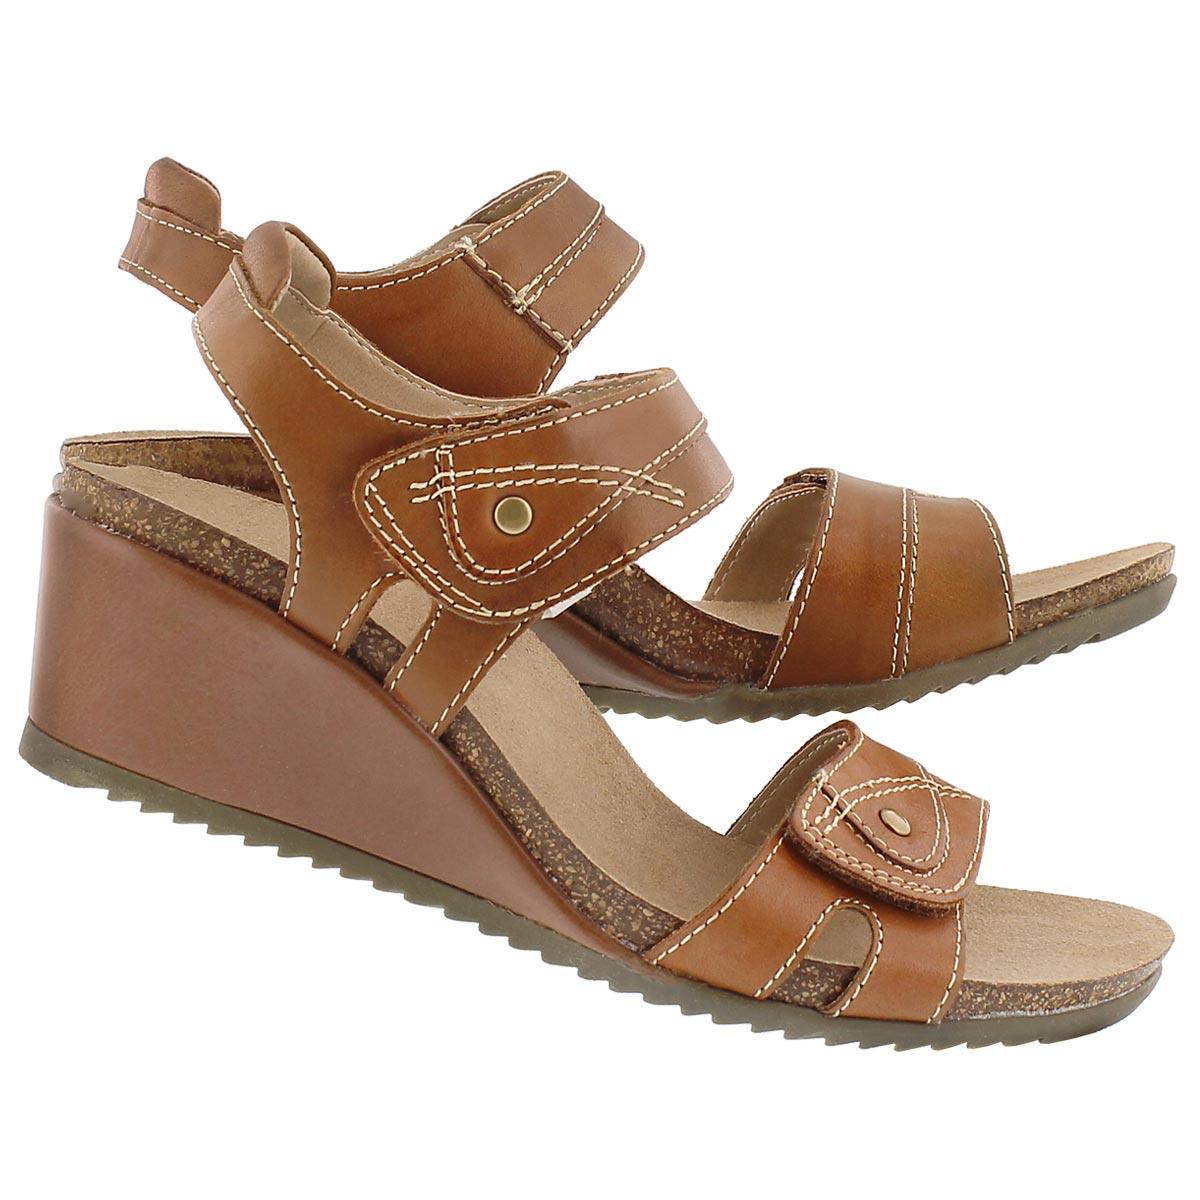 Sandale comp brun KEIRA, fem